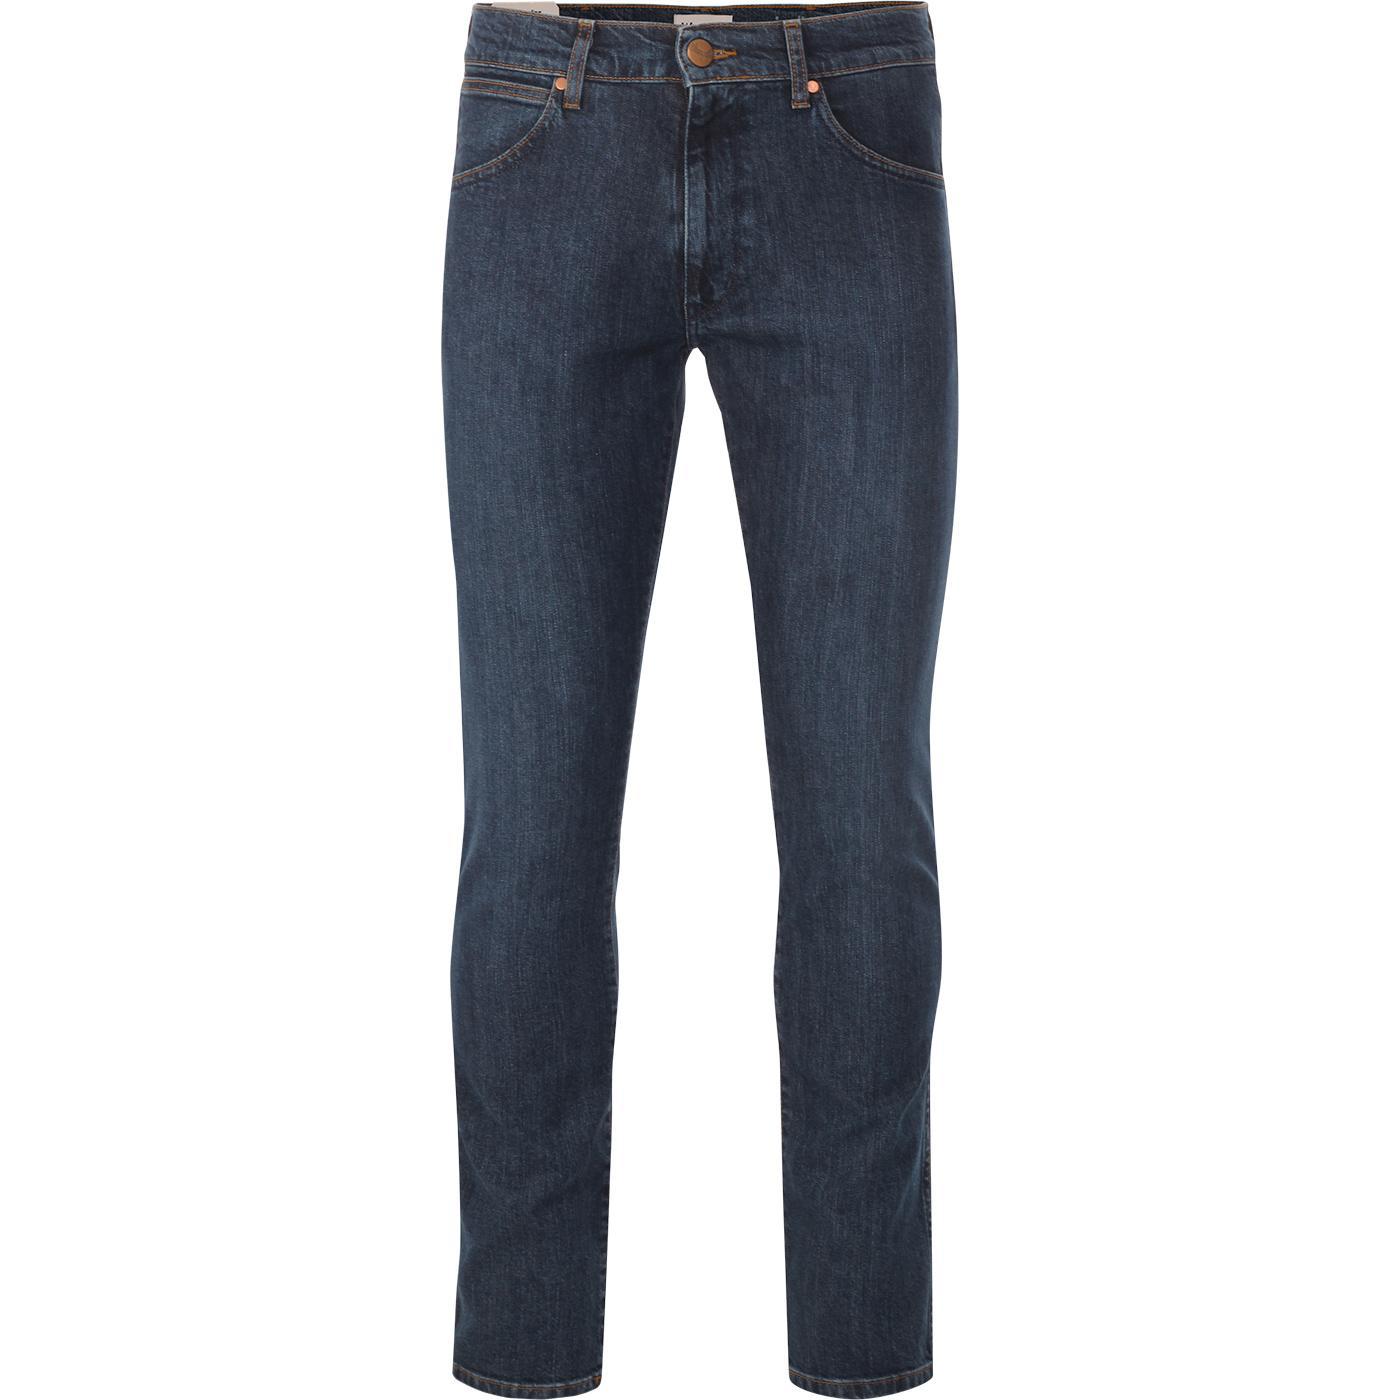 Larston WRANGLER 812 Legendary Slim Tapered Jeans